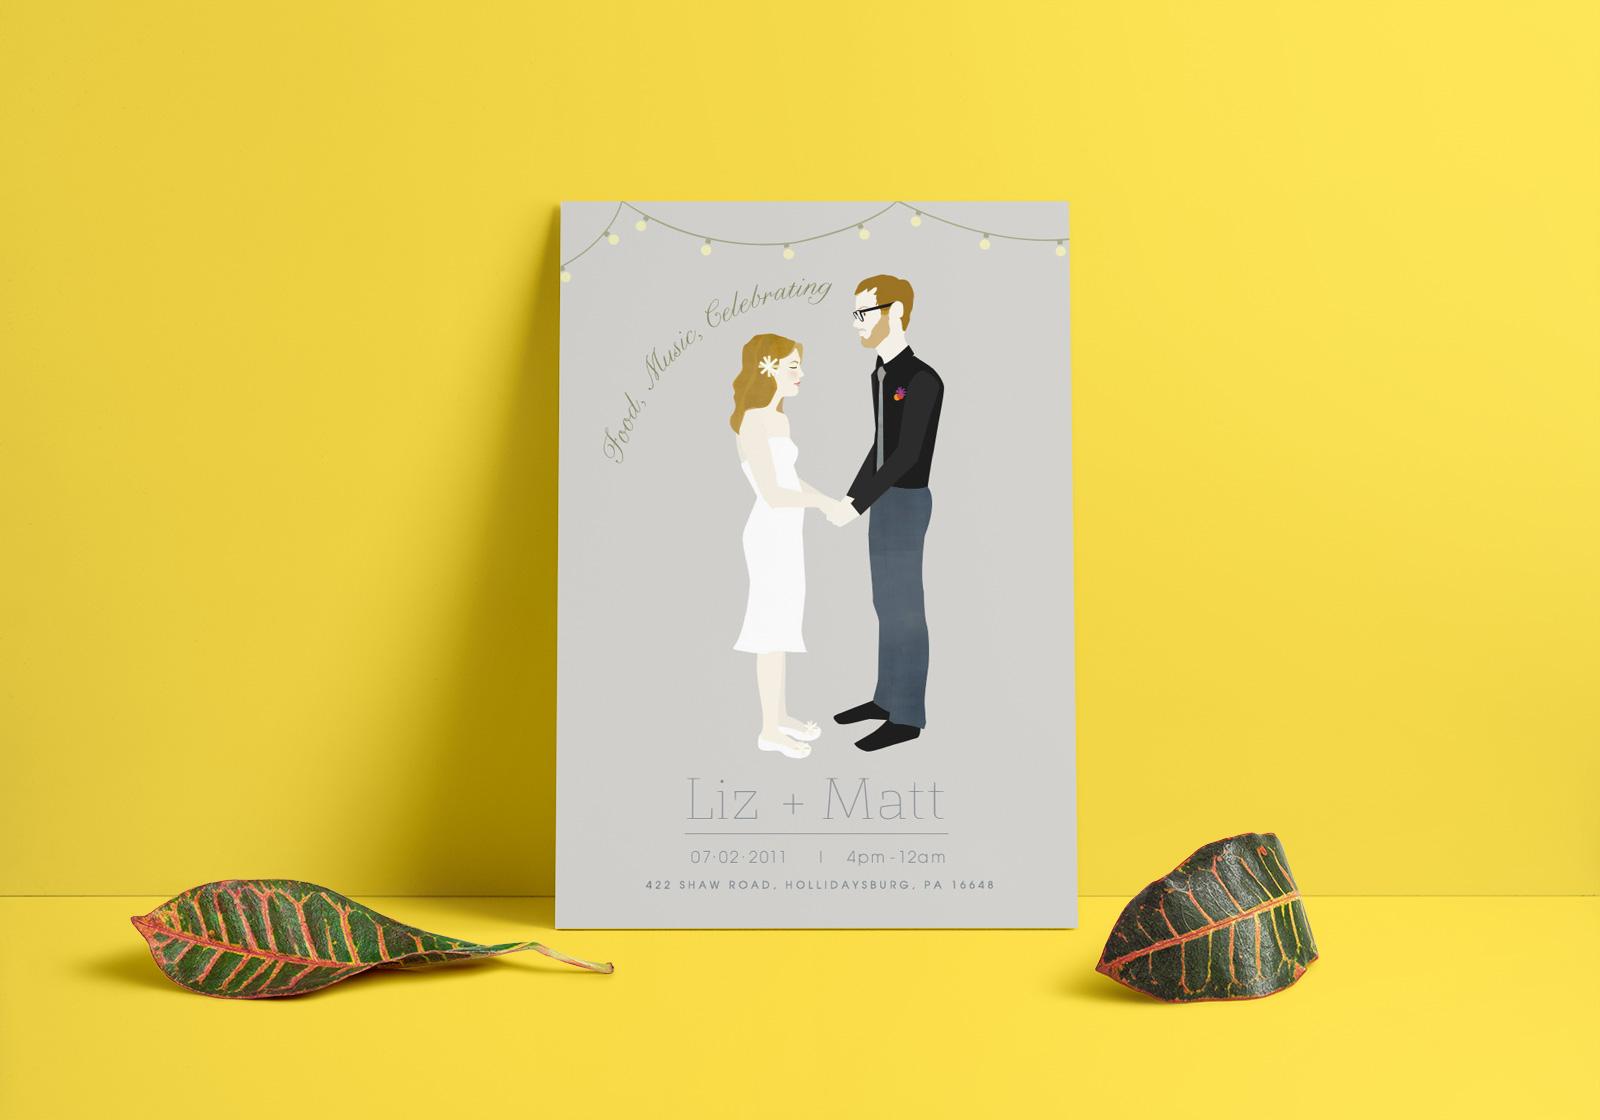 Matt_LIZ_wedding_poster